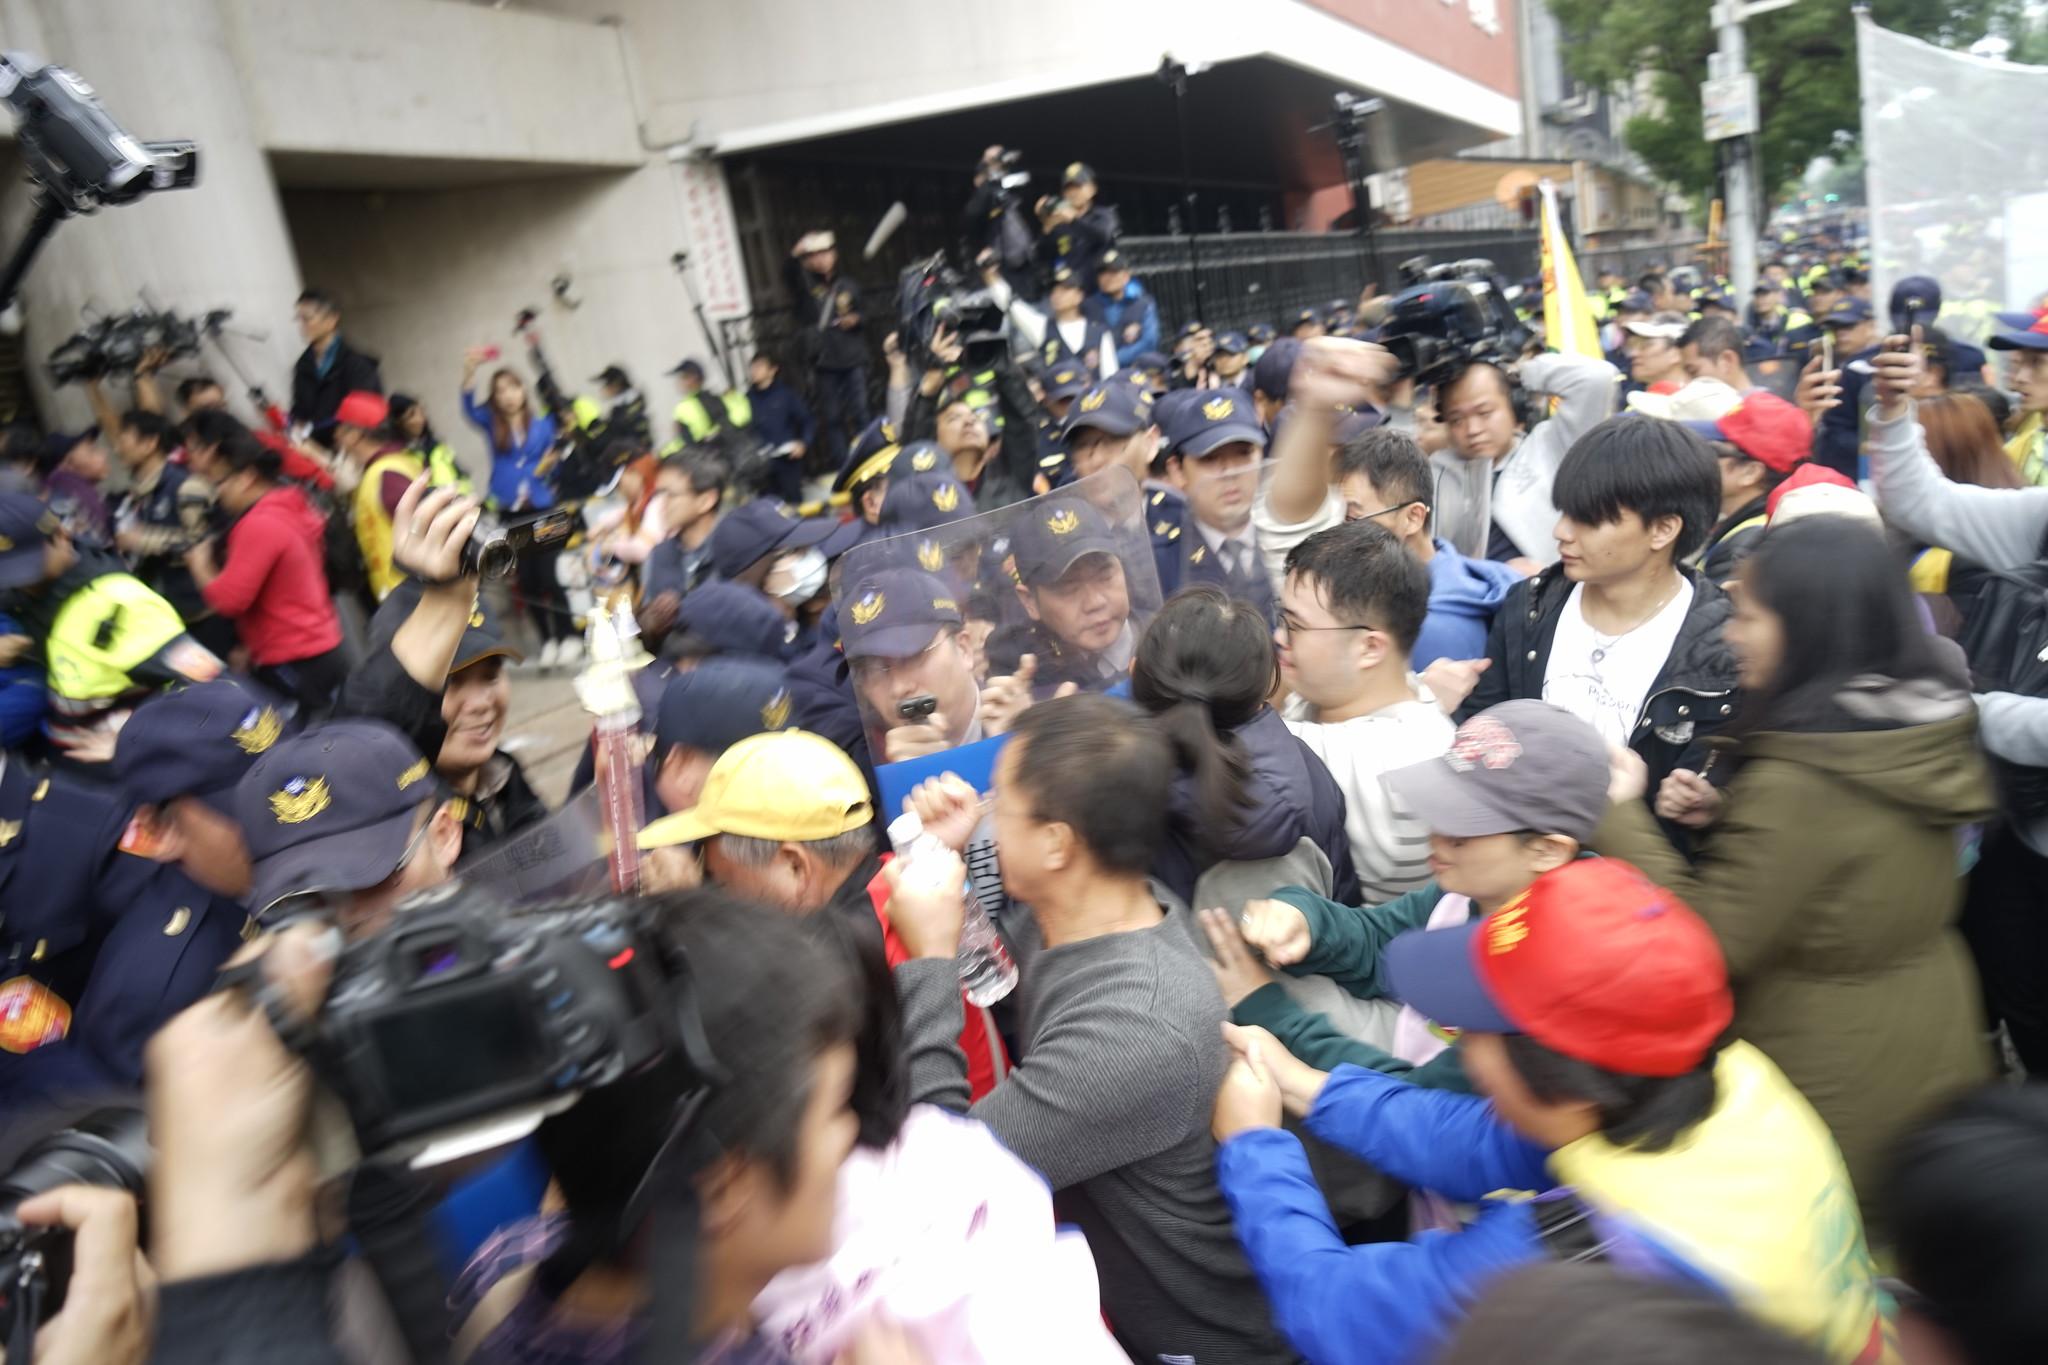 勞團三度嘗試衝入立院,與警方發生數波衝突。(攝影:張宗坤)